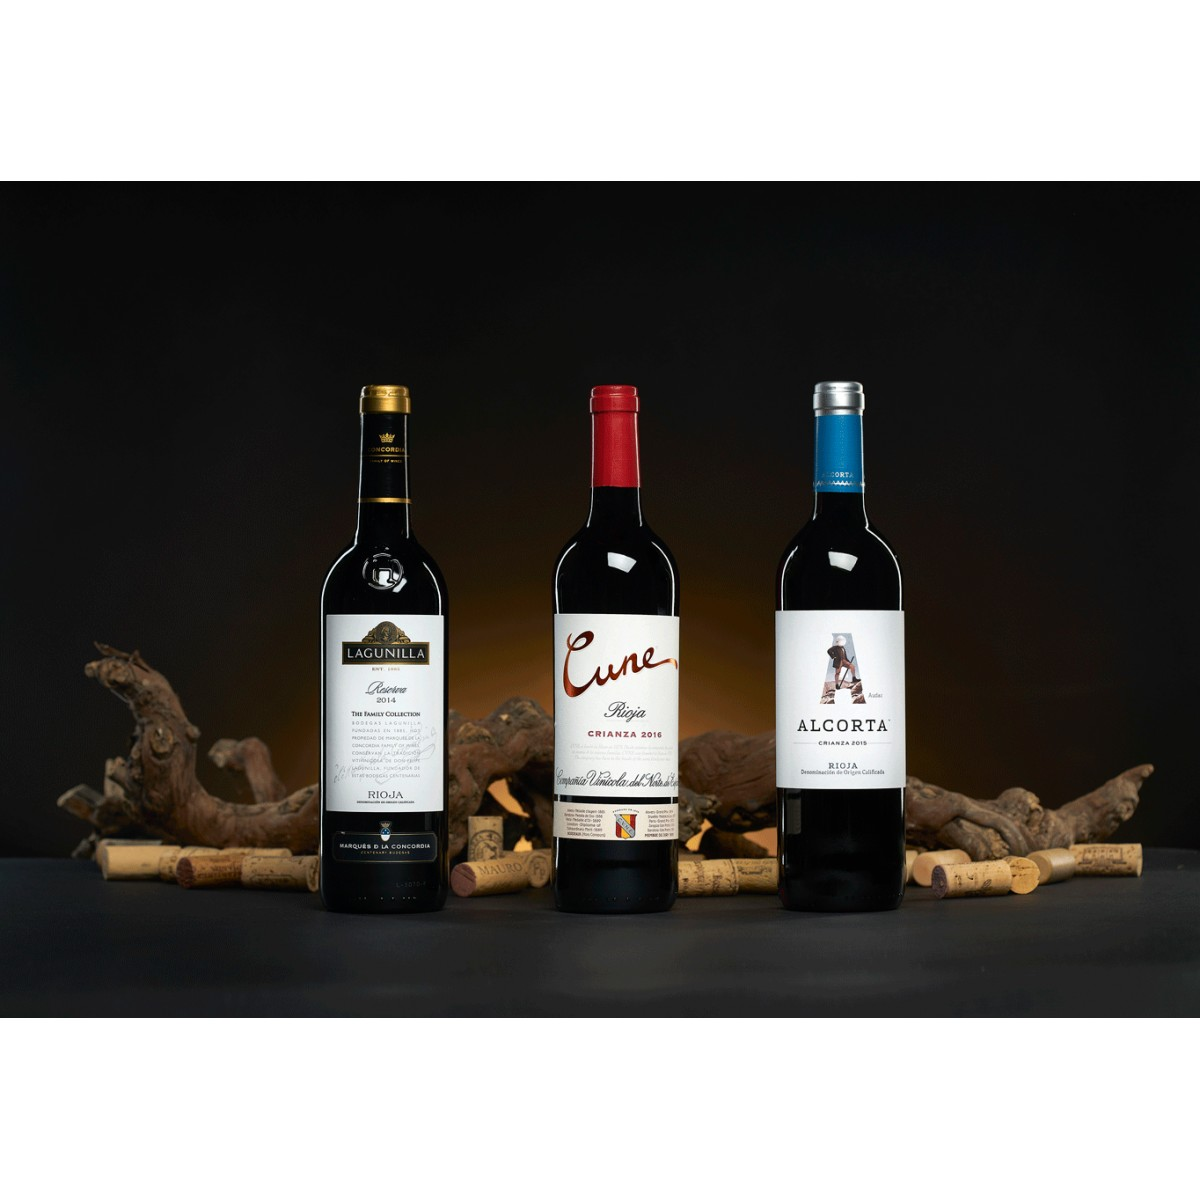 https://www.carneseleccion.com/9386-thickbox_default/seleccion-de-vinos-de-navidad-n-220.jpg